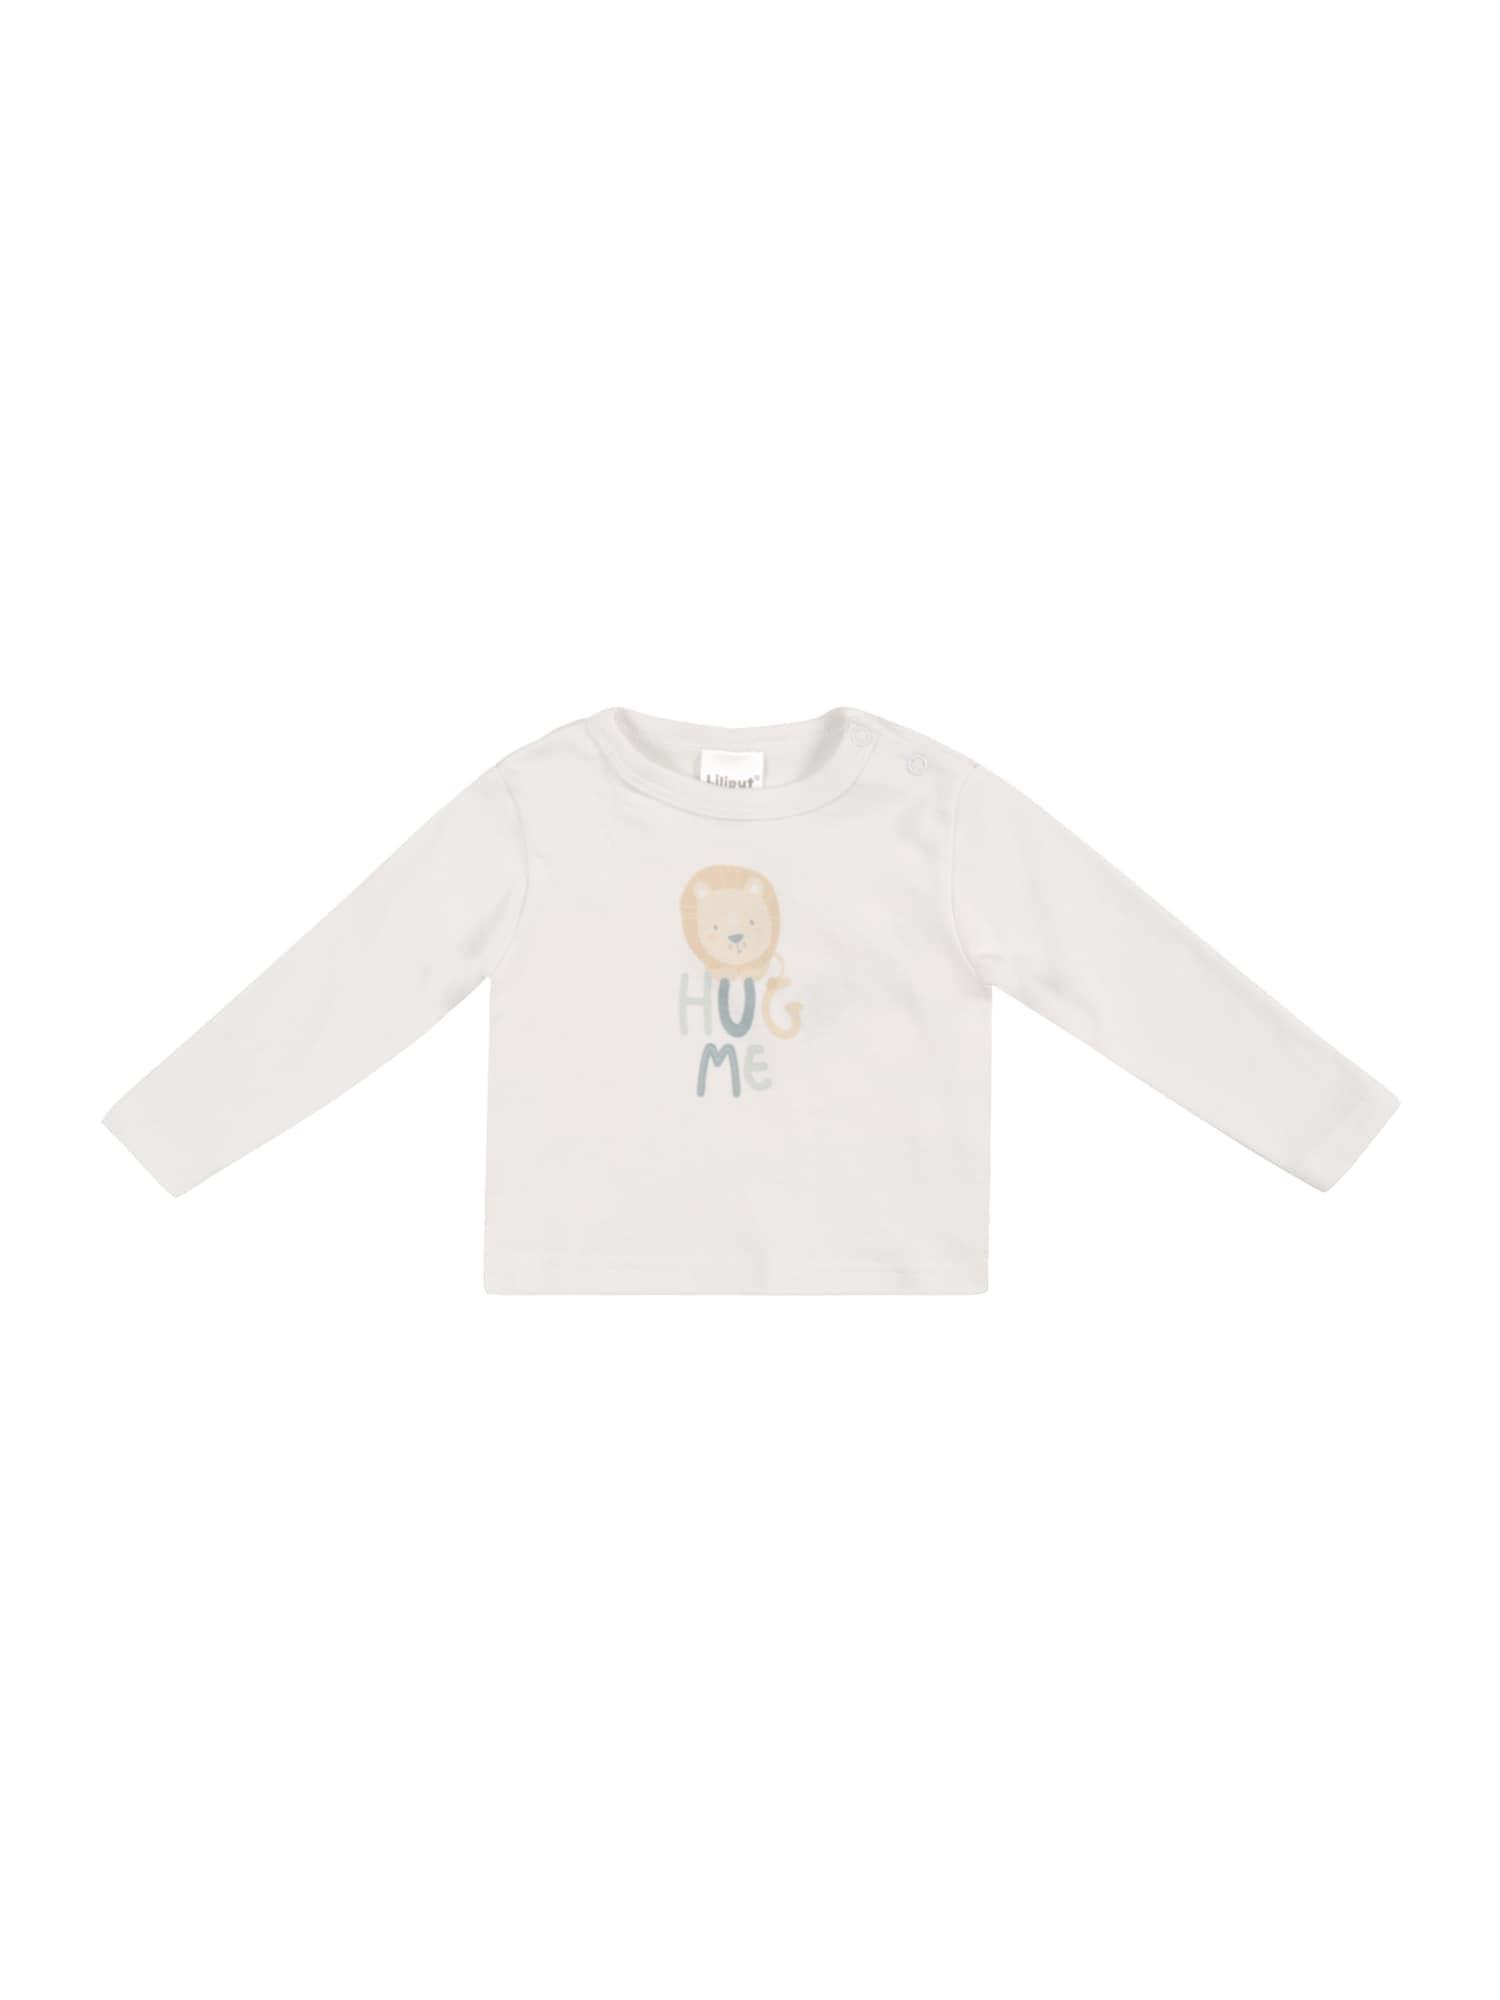 LILIPUT Marškinėliai balta / persikų spalva / pastelinė žalia / smaragdinė spalva / abrikosų spalva